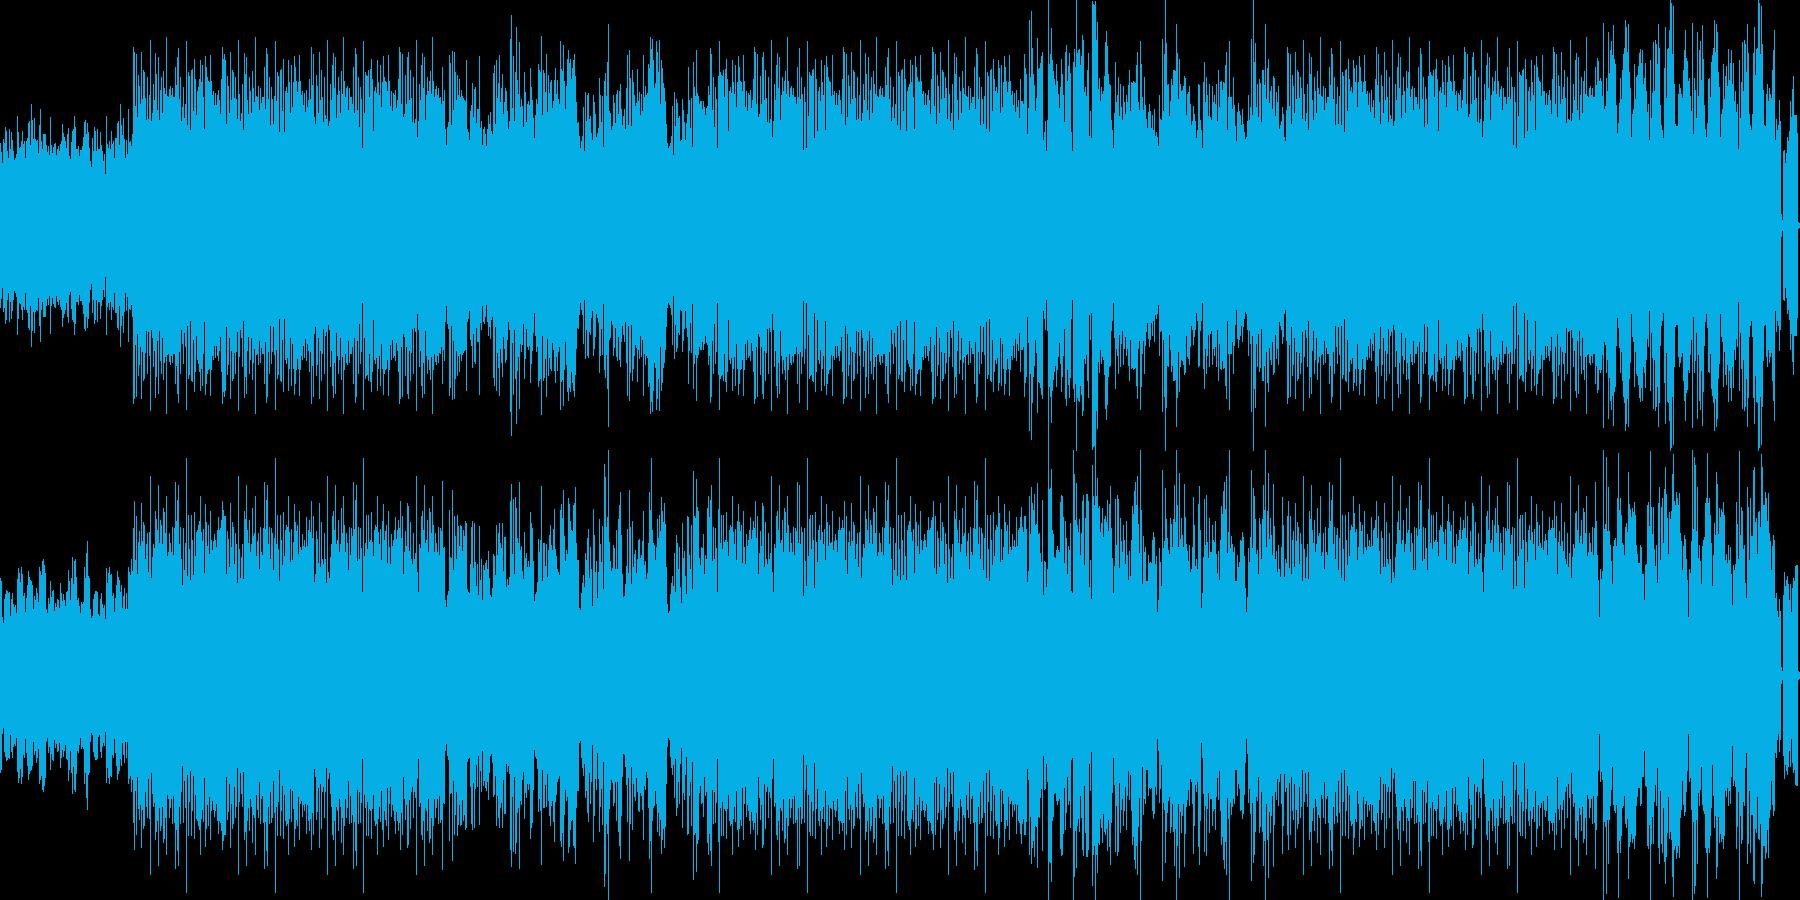 緊張感のあるRockテクノサウンドの再生済みの波形